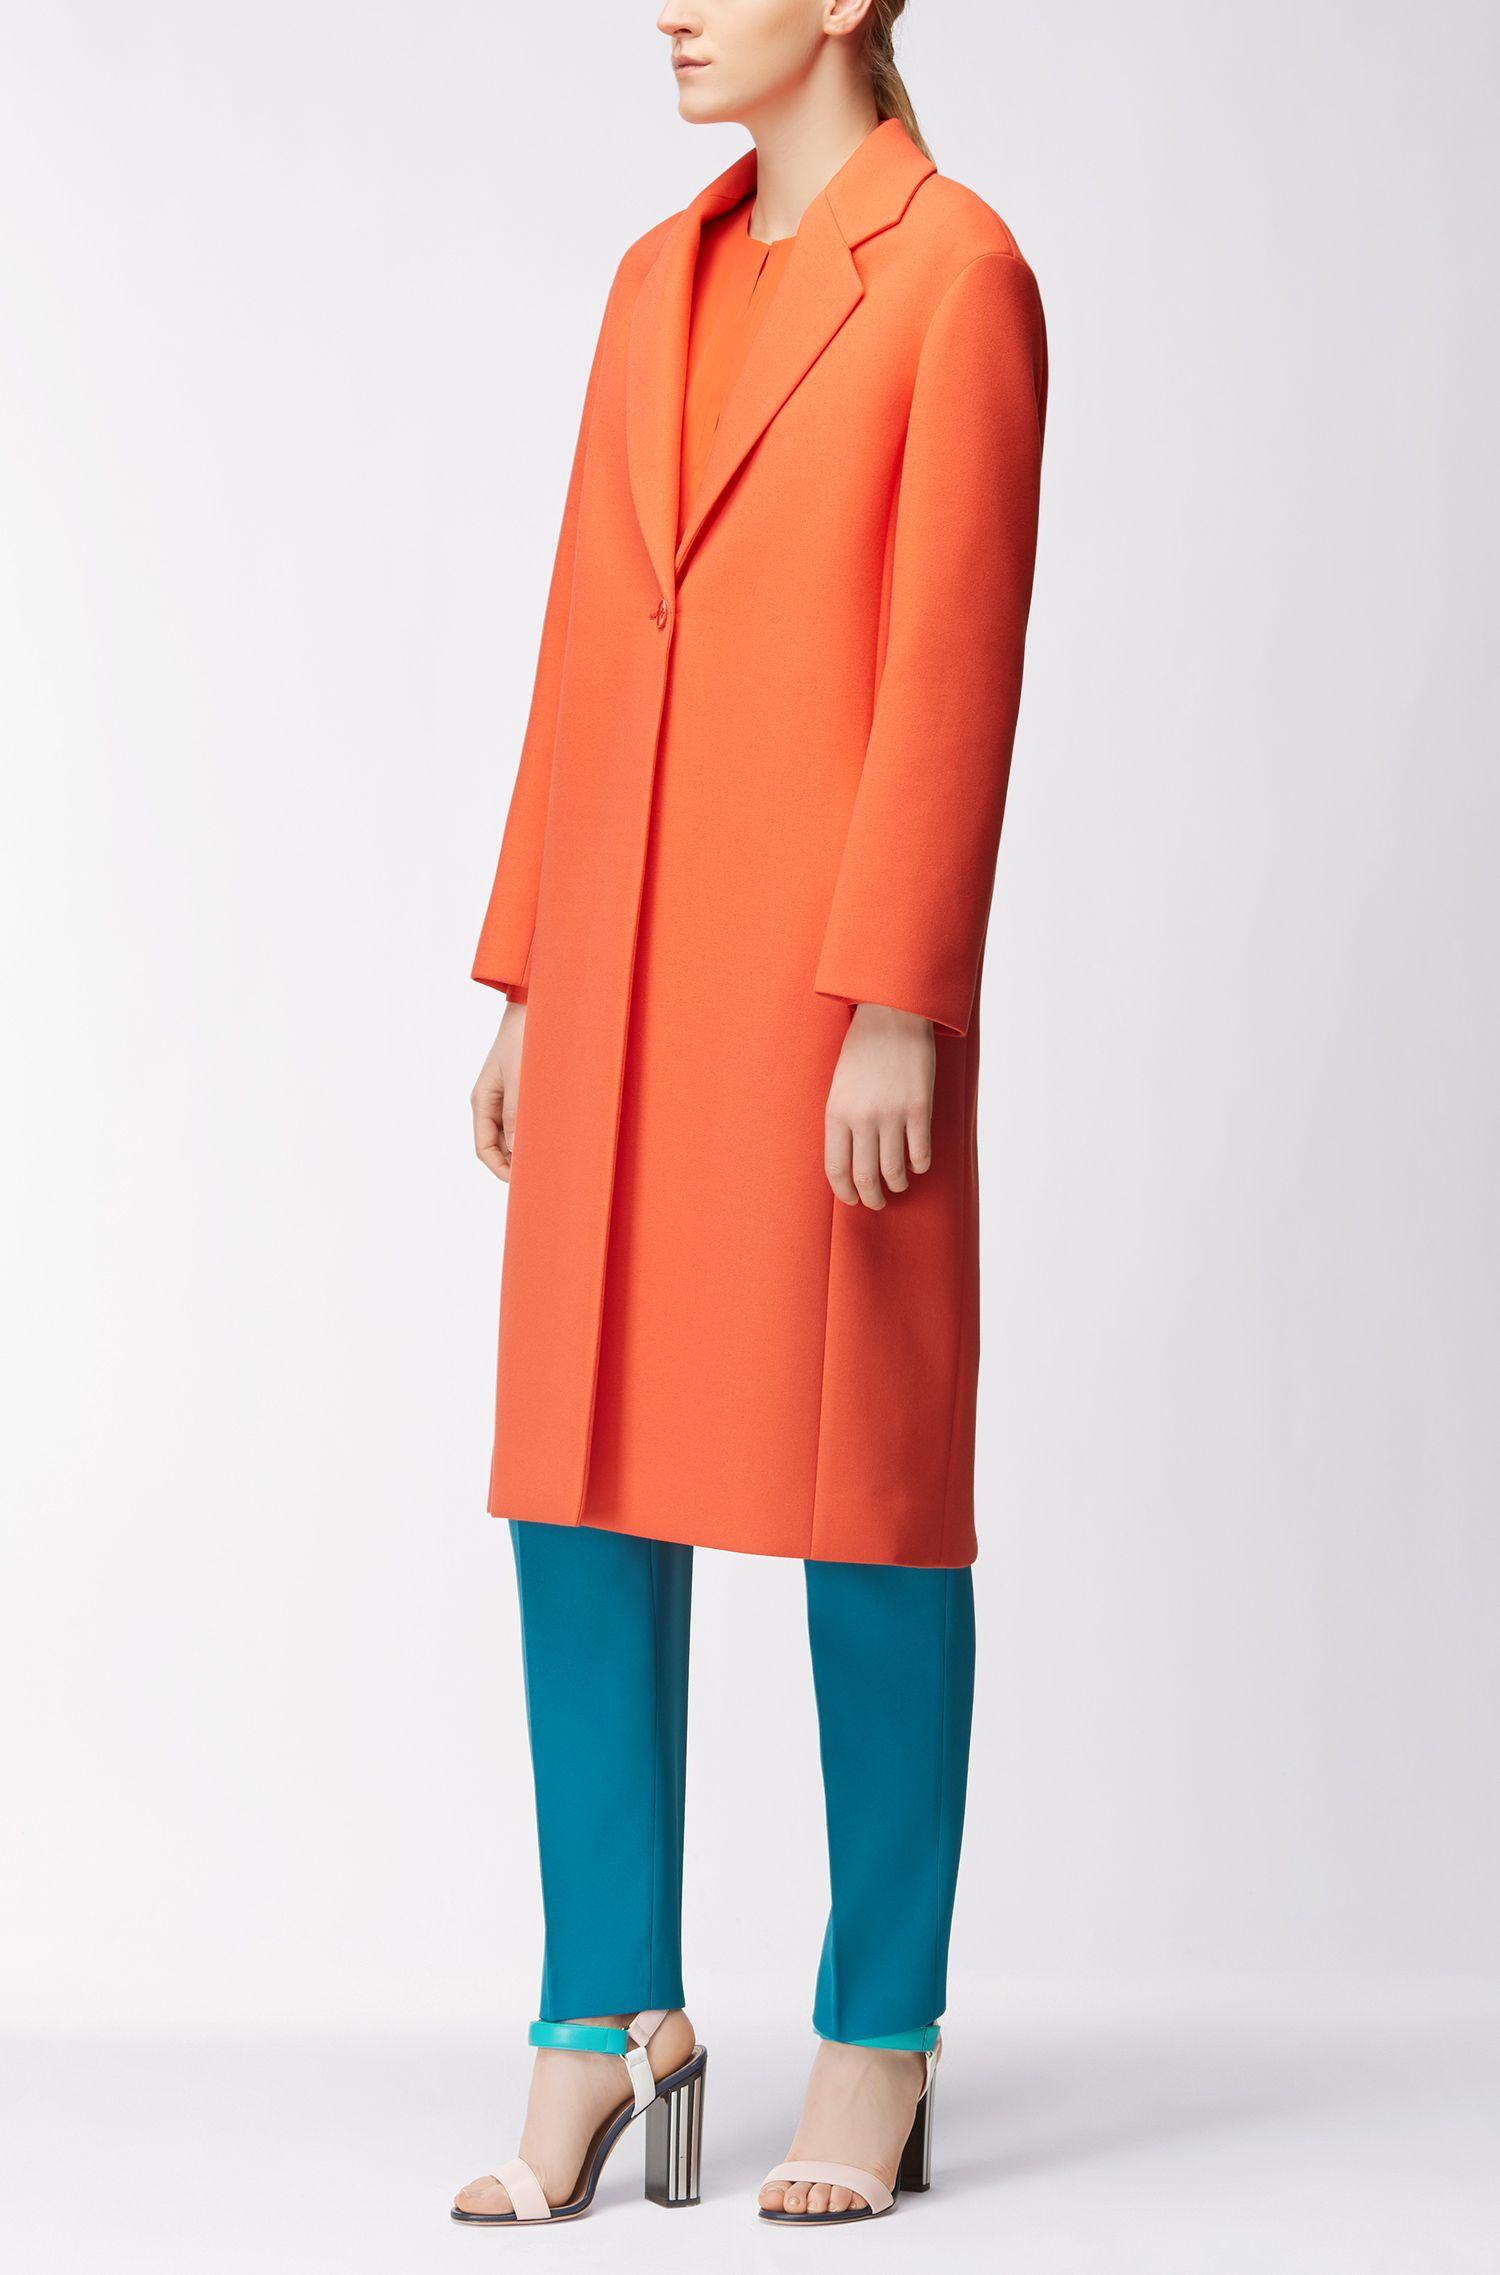 Single-Button Coat | Calenara GC, Orange